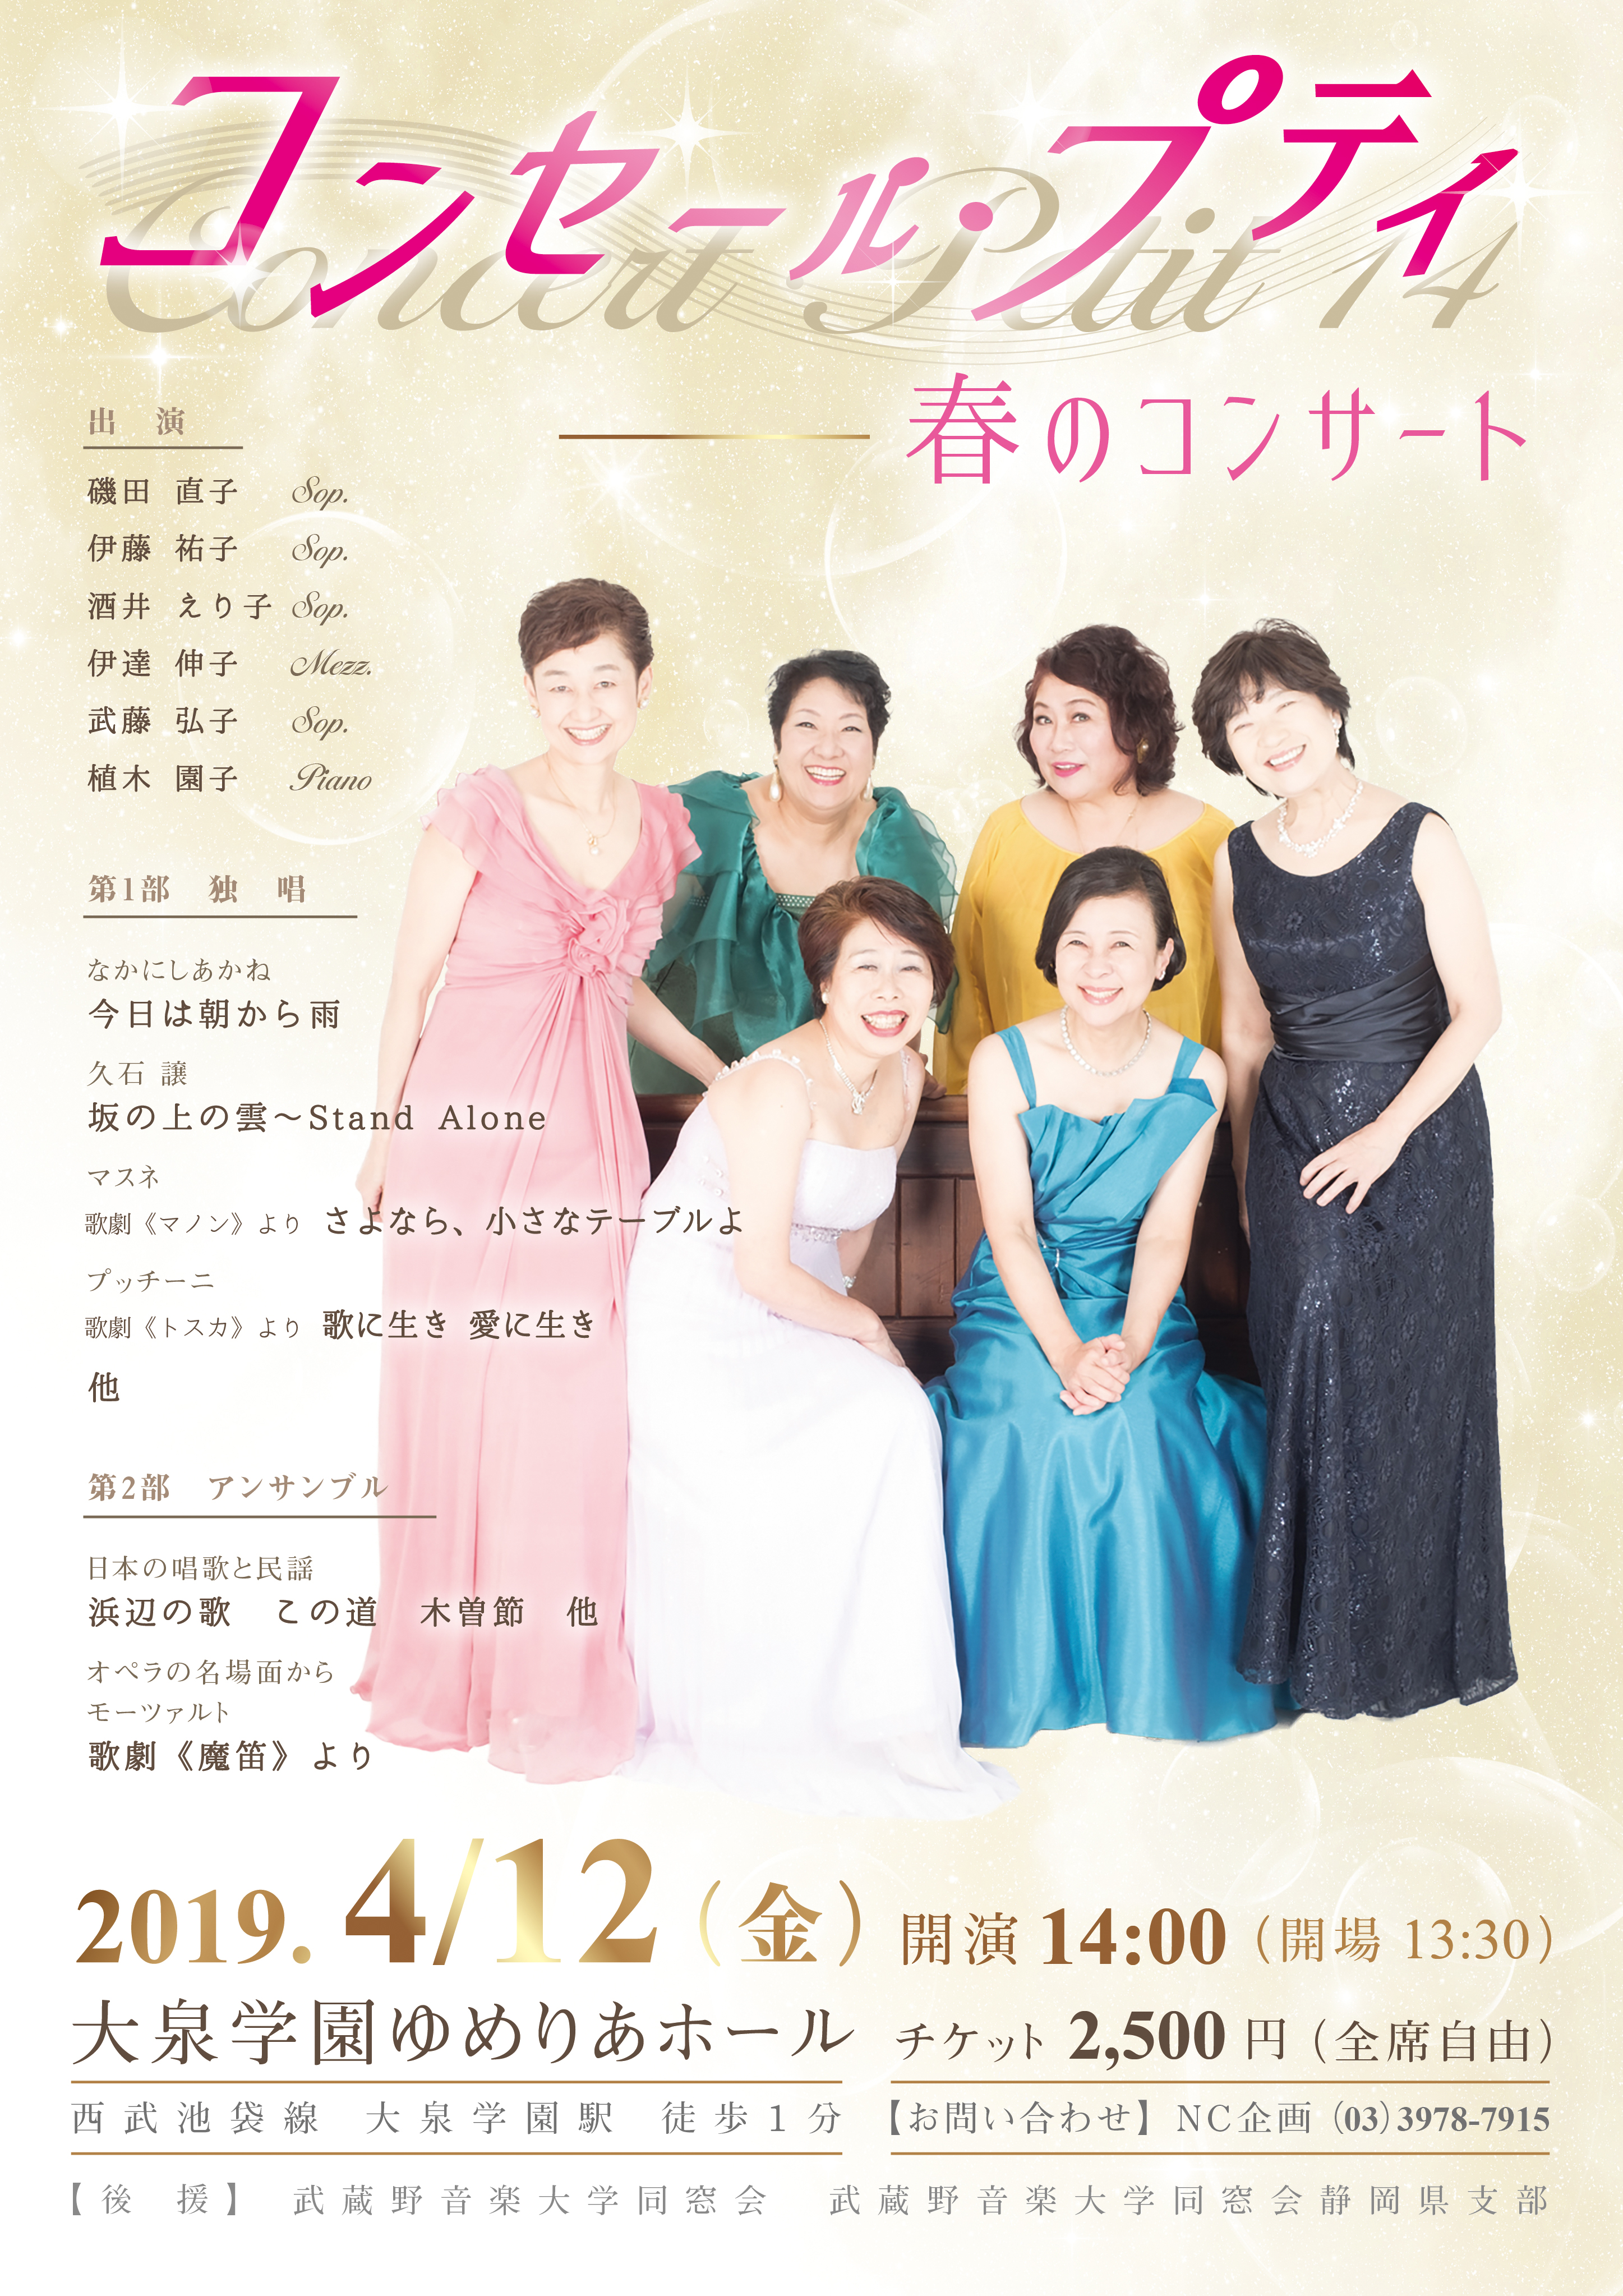 コンセール・プティ春のコンサート